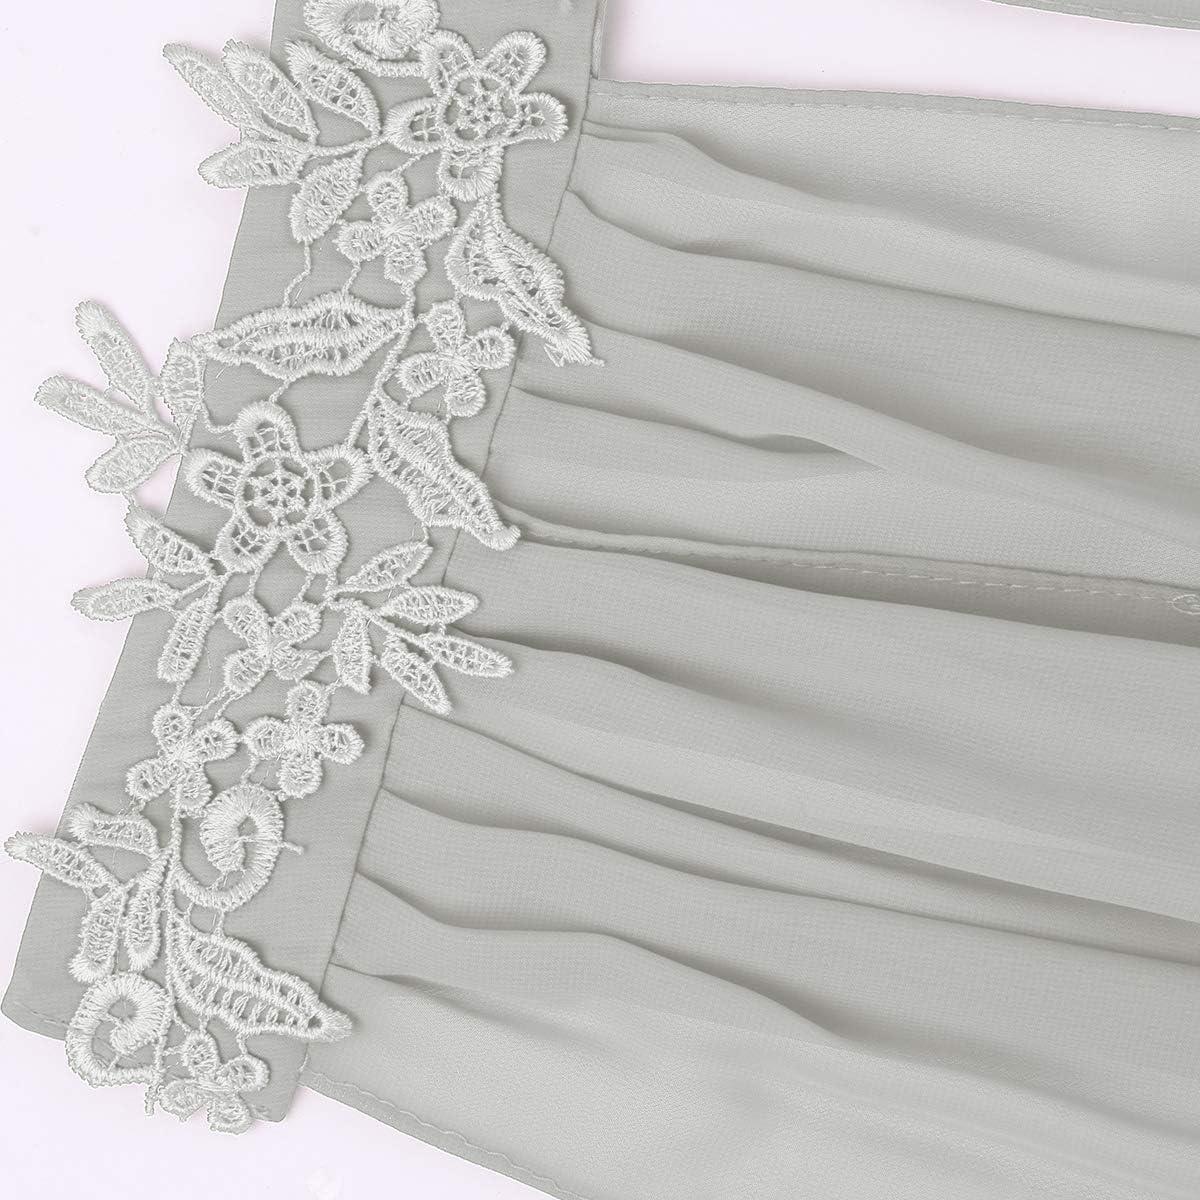 dPois Damen Cape Bolero Shrug Stola Boleroshrug Stehkragen aus Chiffon Spitzen mit Geteilten /Ärmeln Elegant f/ür Party Hochzeit